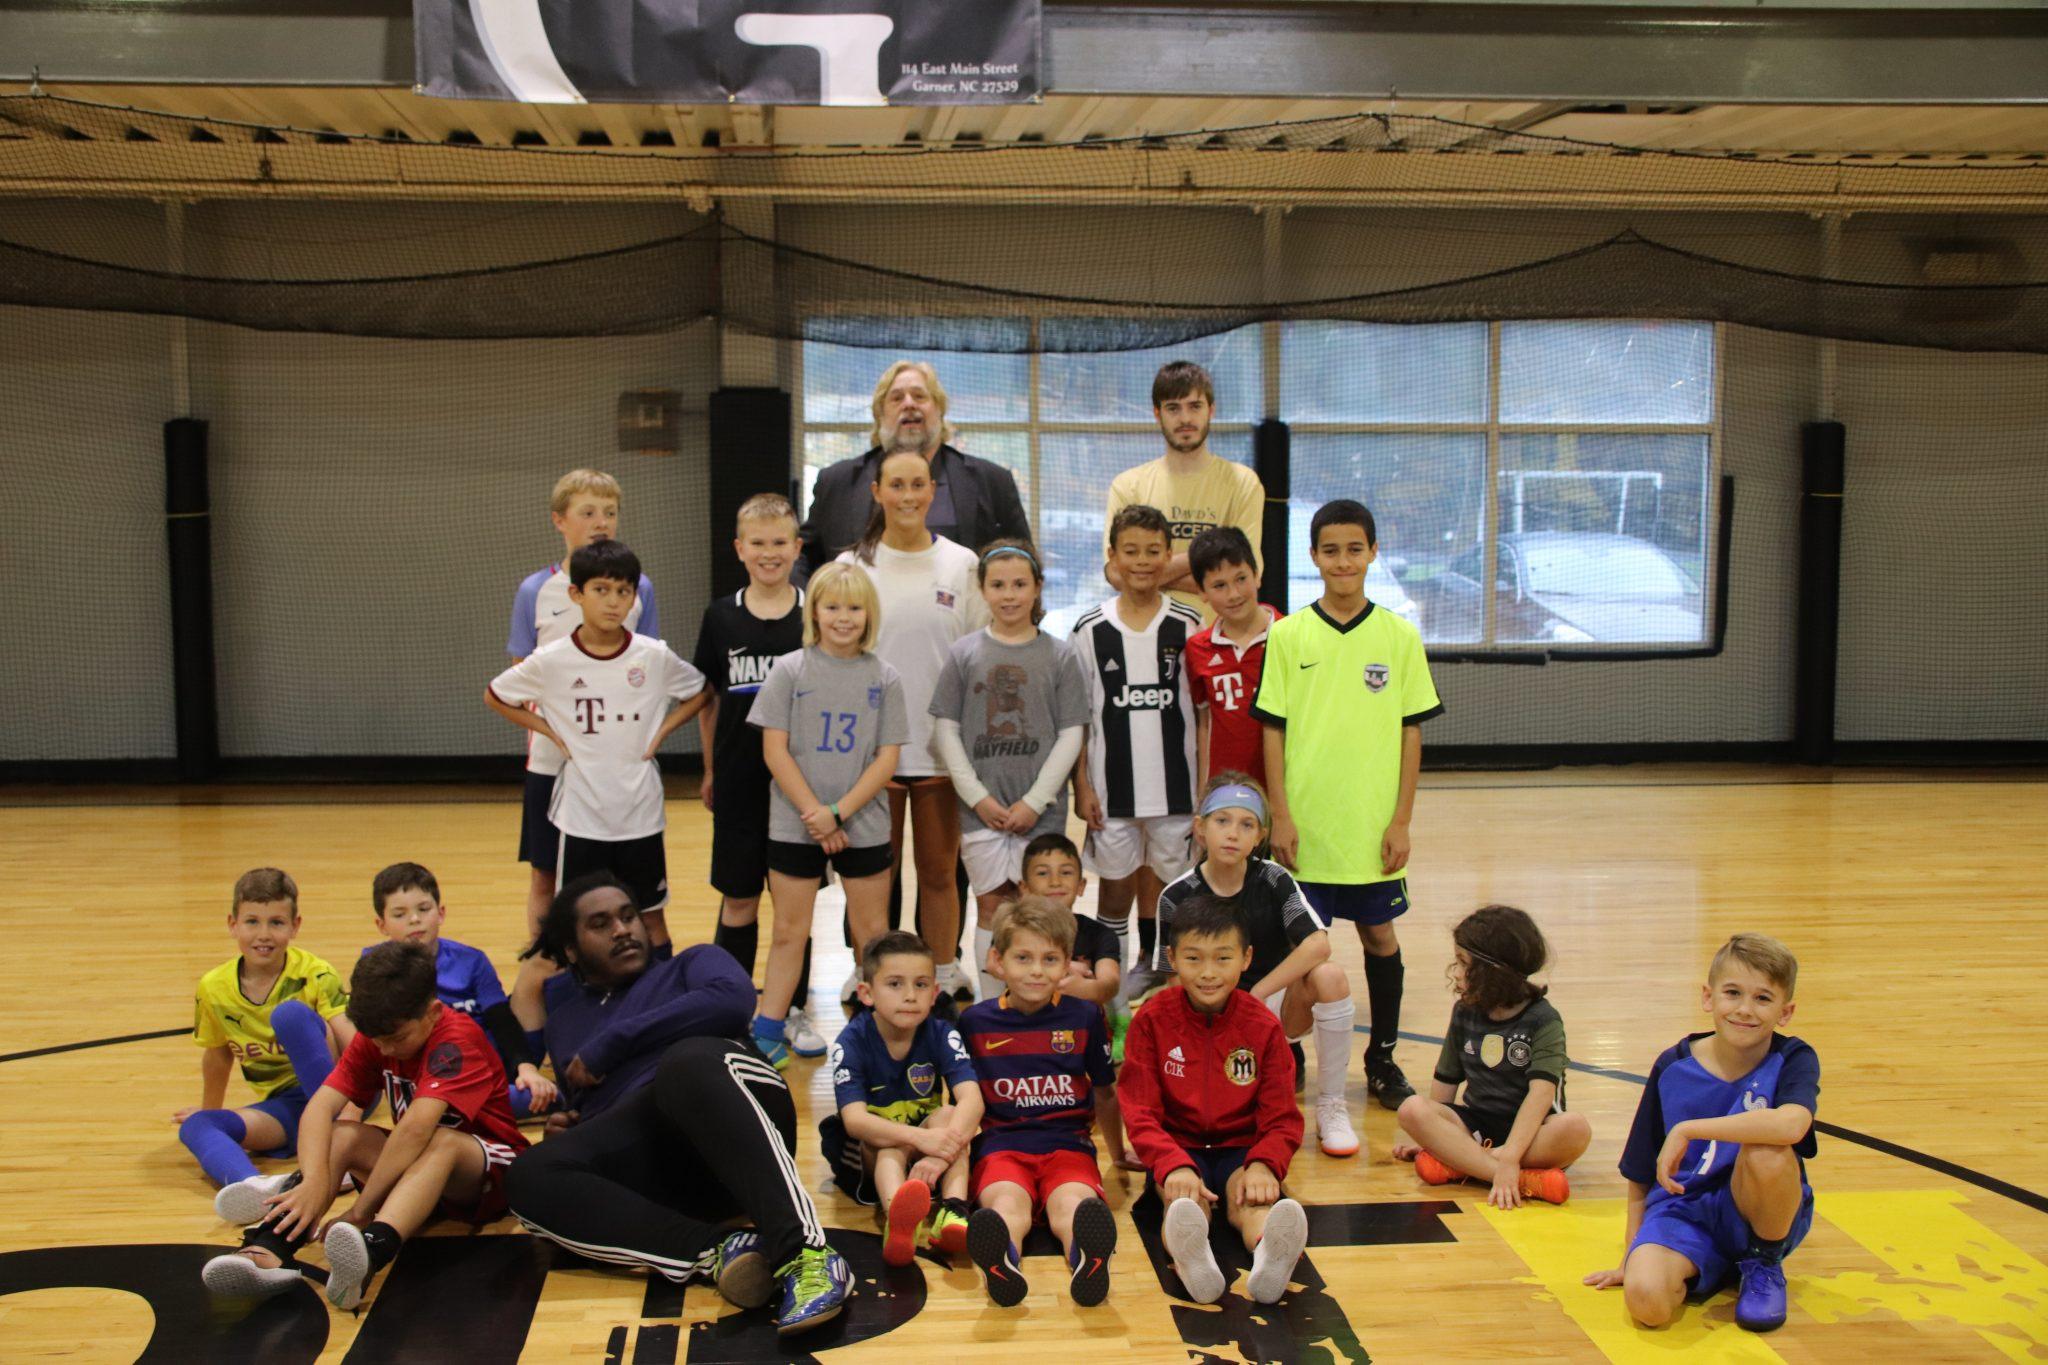 Raleigh Soccer Academy